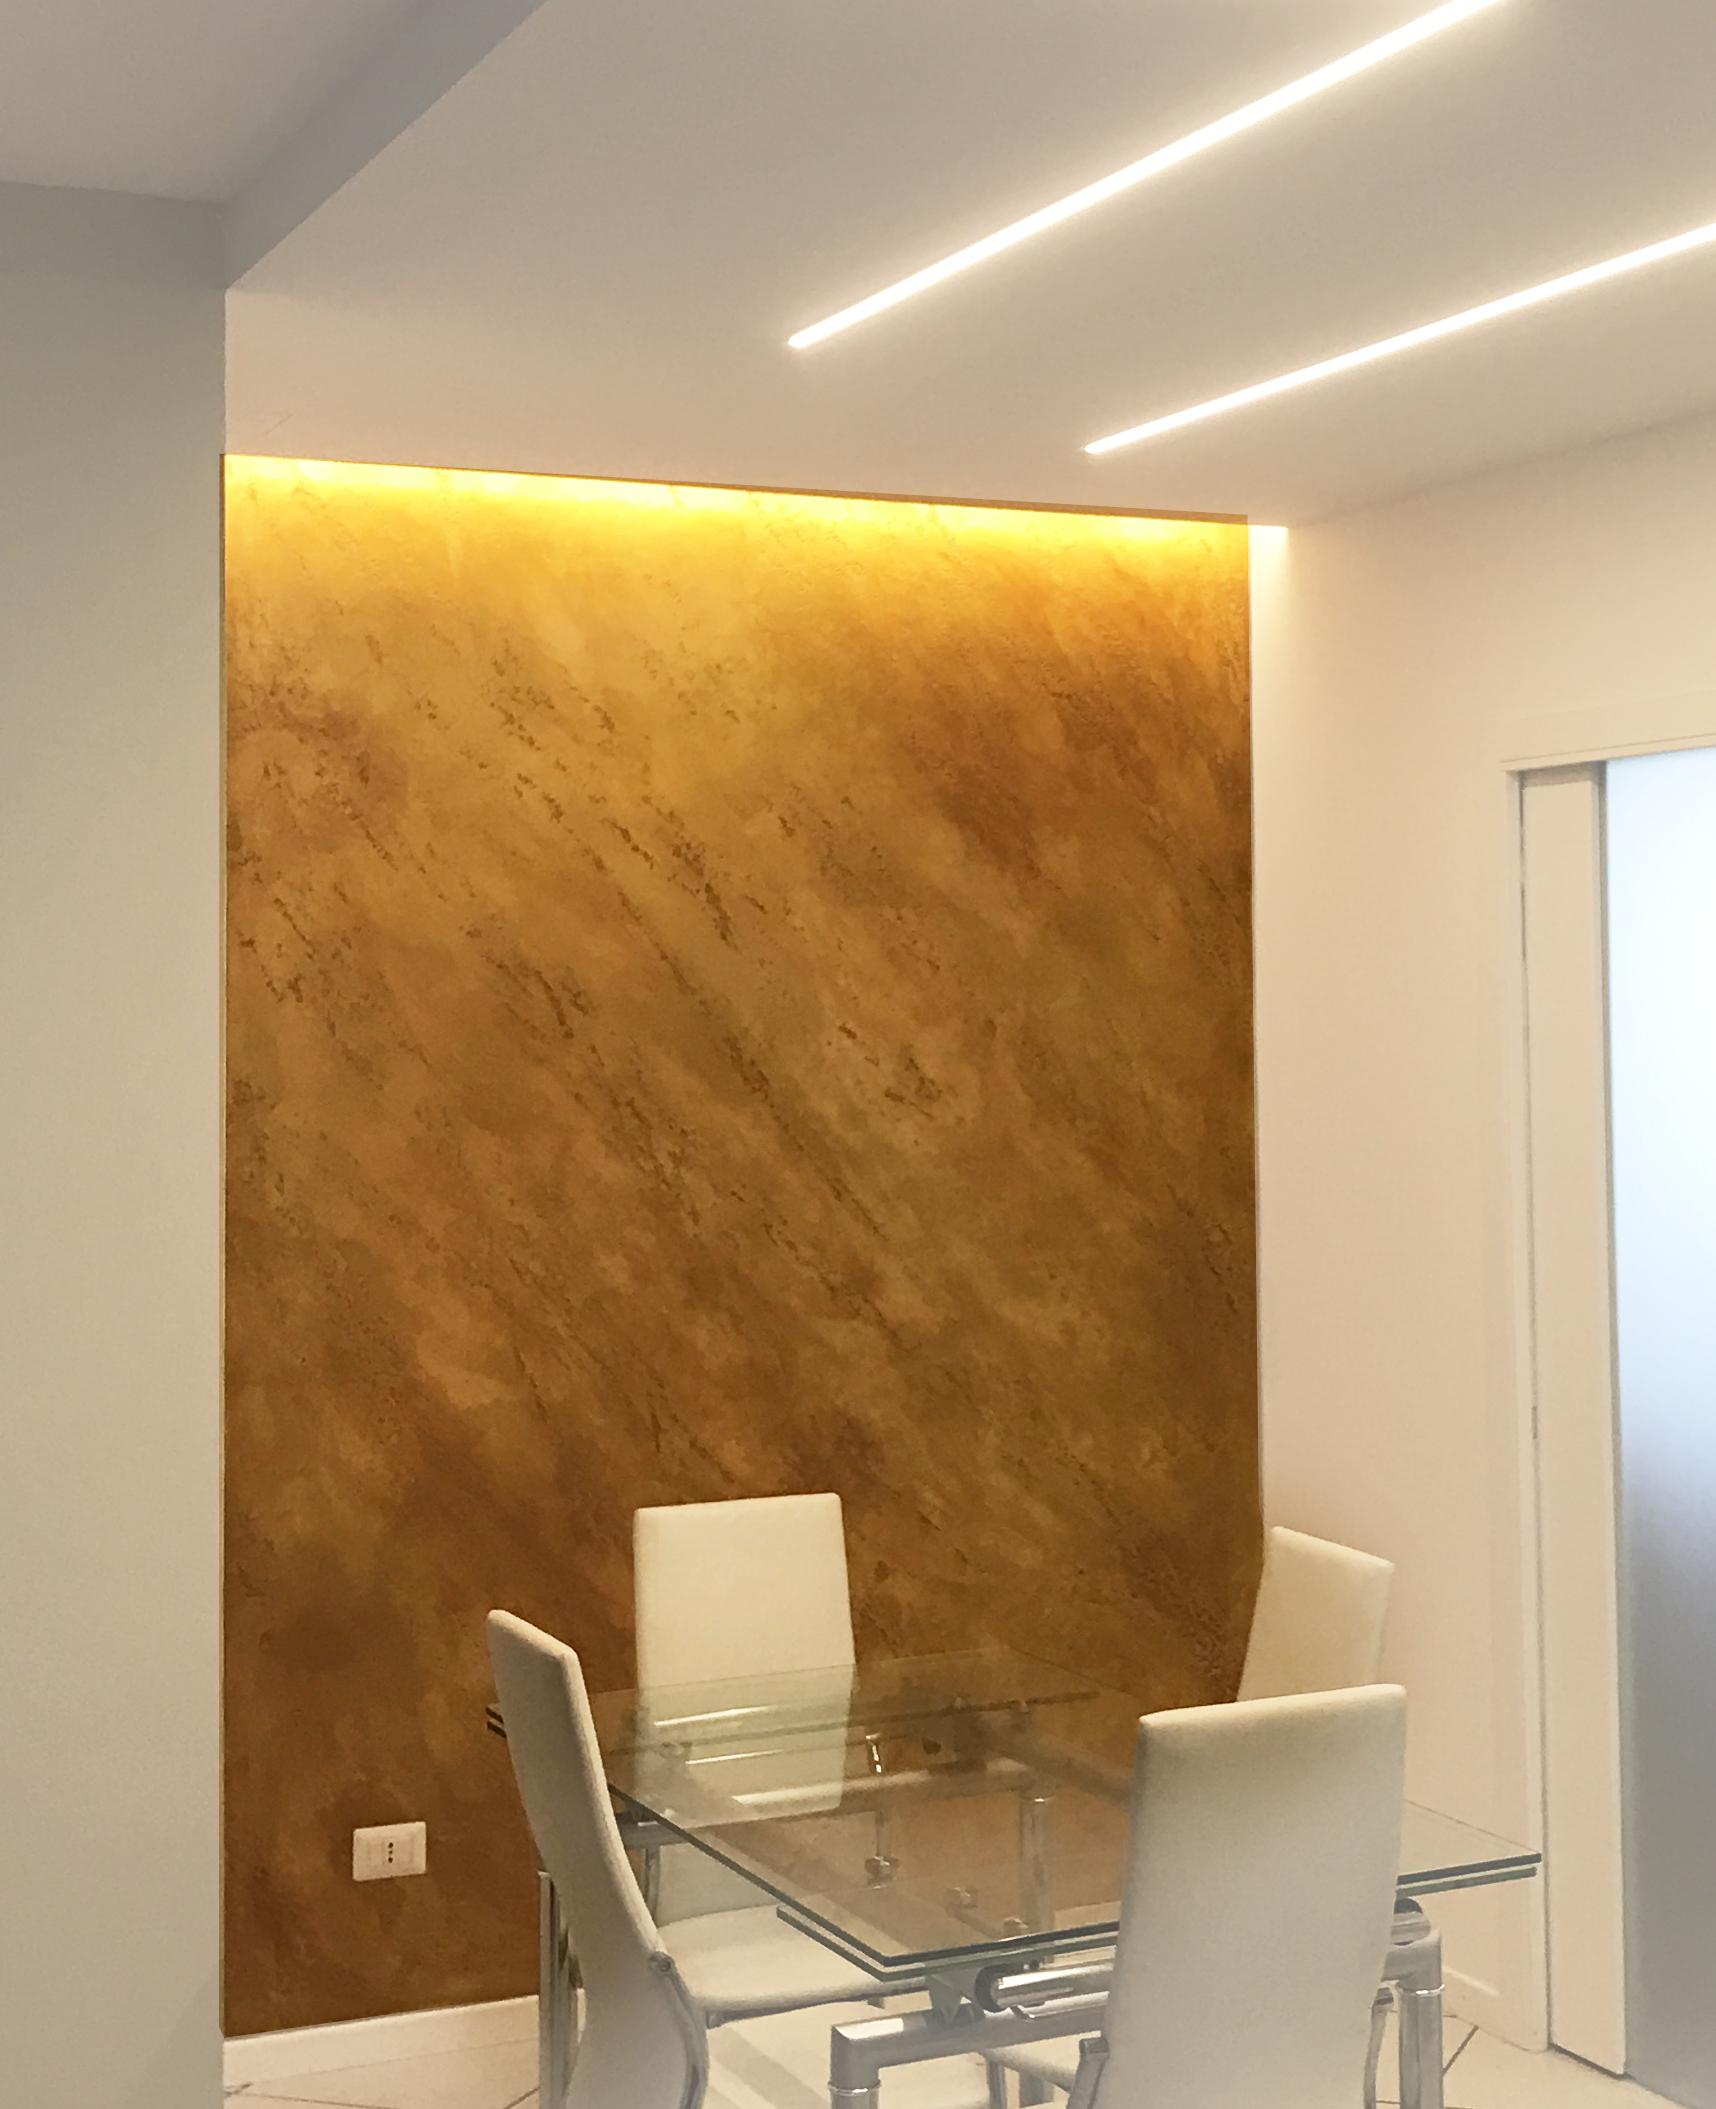 Plasmatore italiano Paolo Grivellaro: Decor wall realizzata con INFINITO